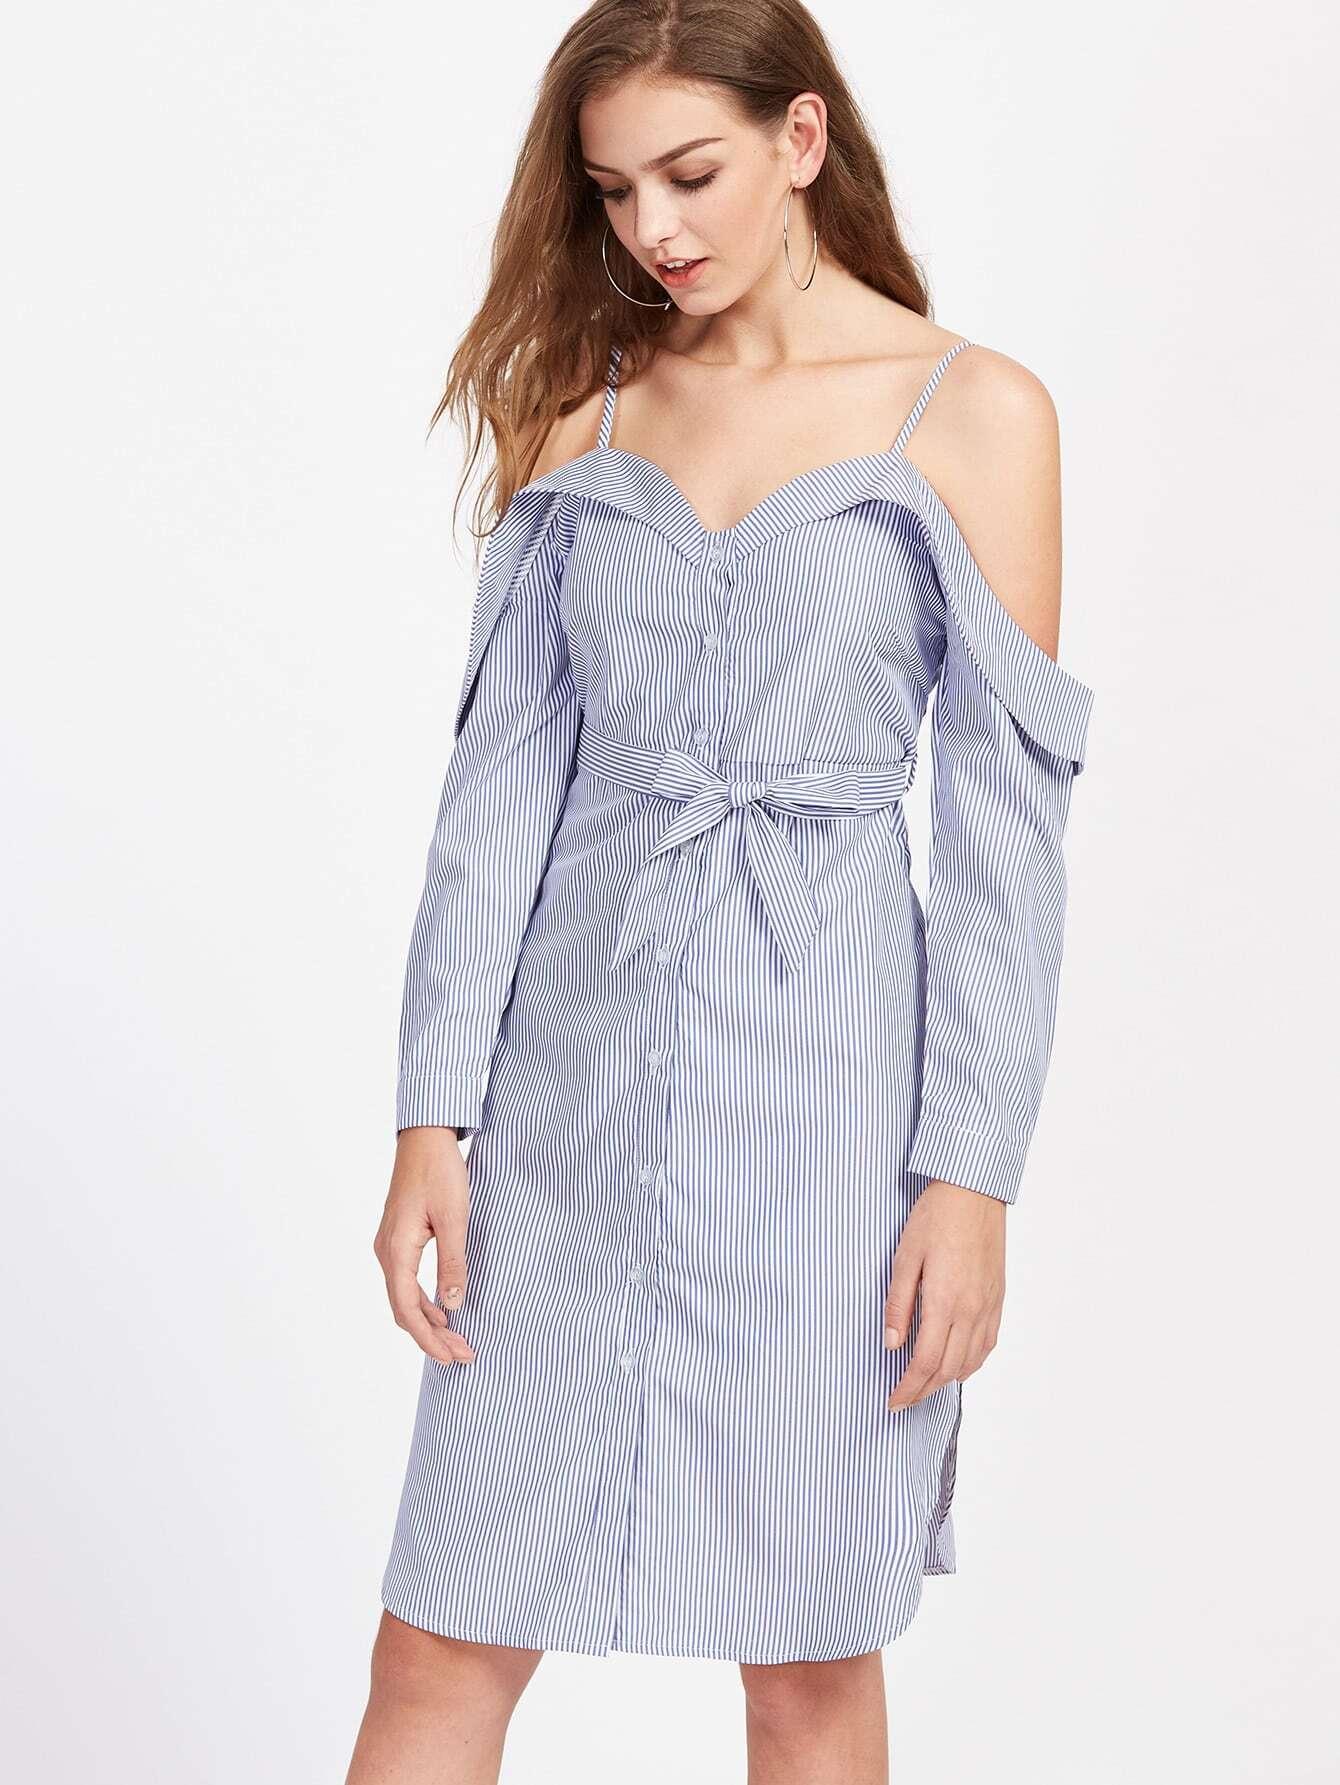 dress170501102_2